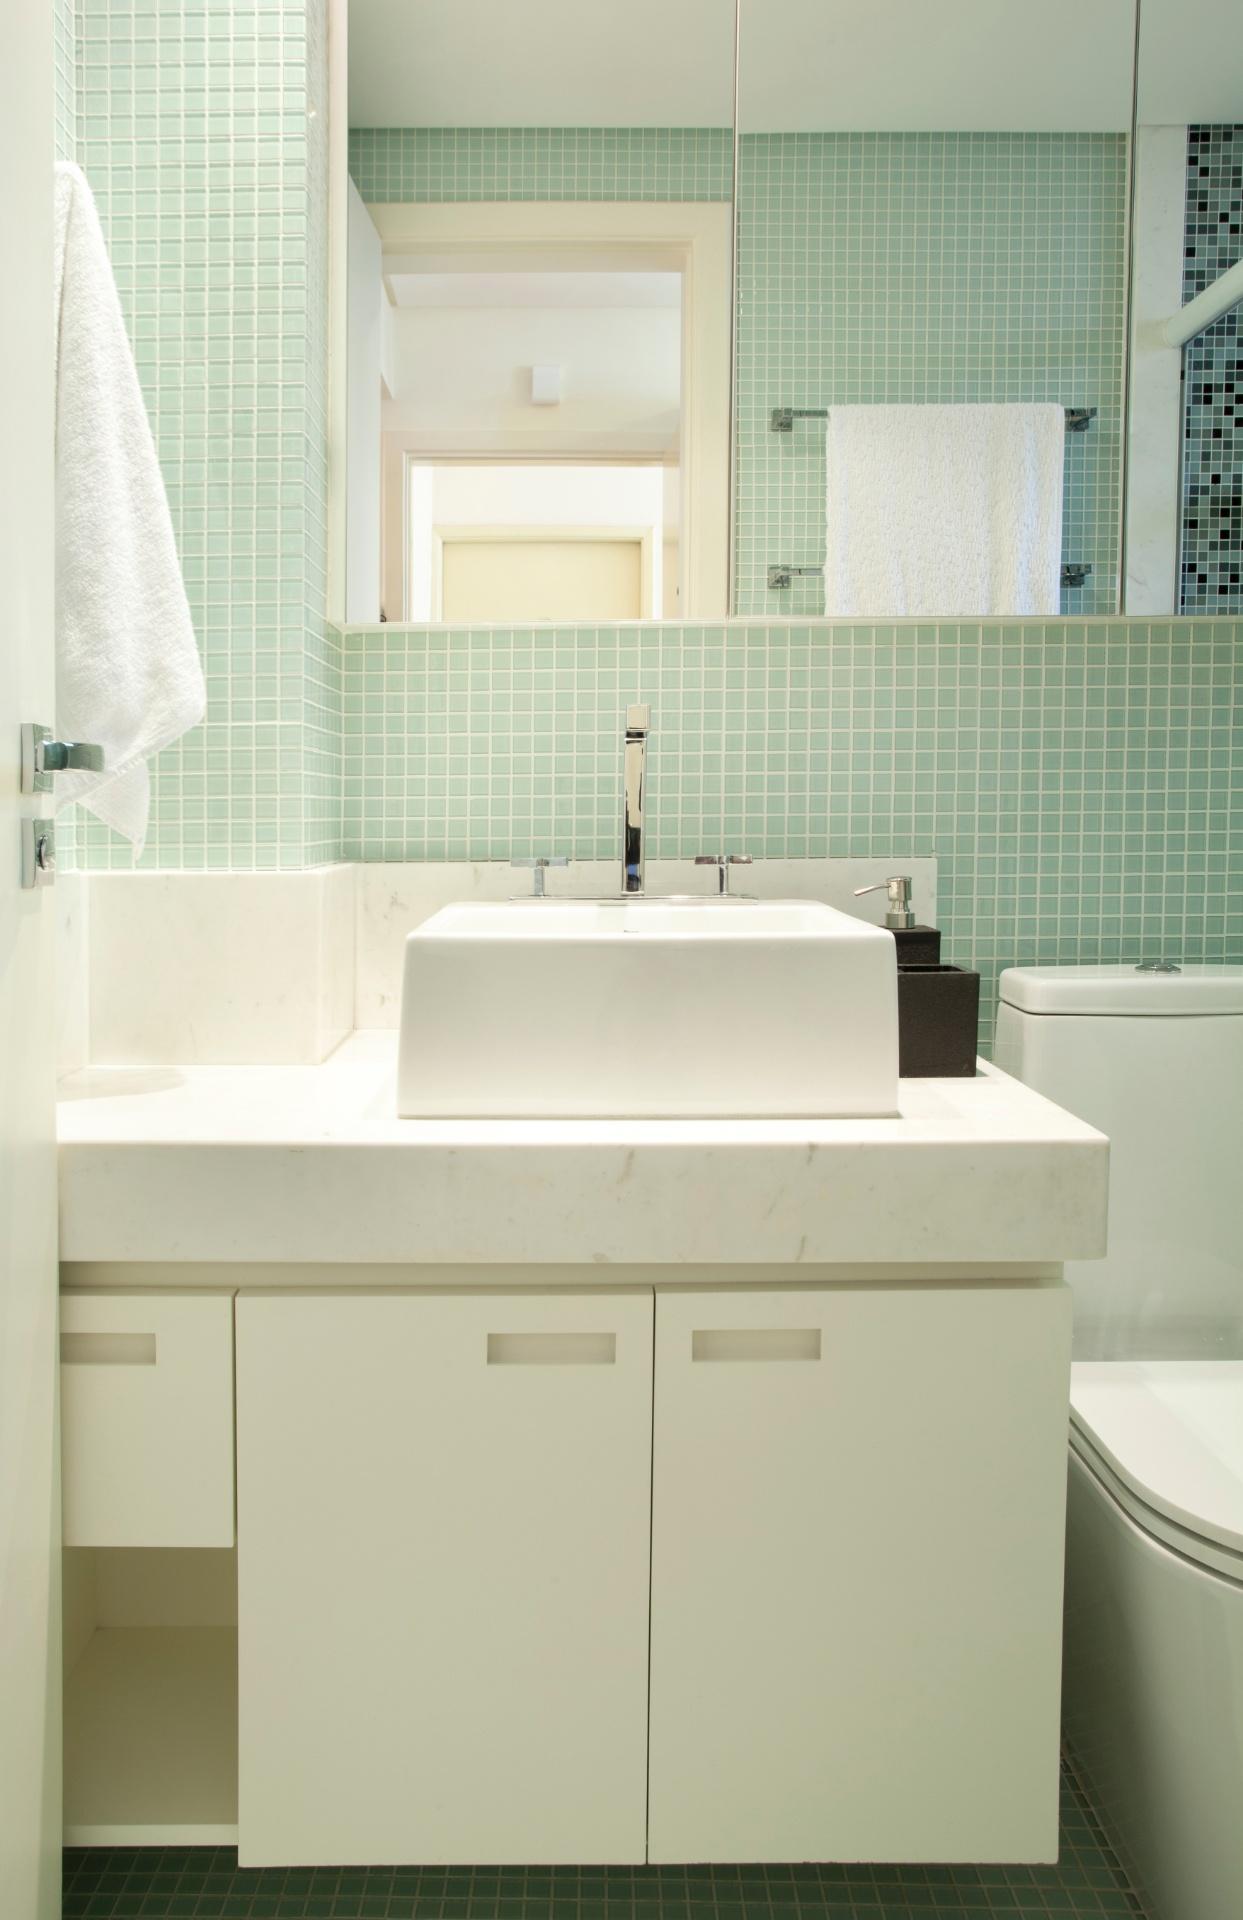 Banheiros pequenos: dicas de decoração para quem tem pouco espaço  #6F6B48 1243x1920 Bancada Banheiro Estreita